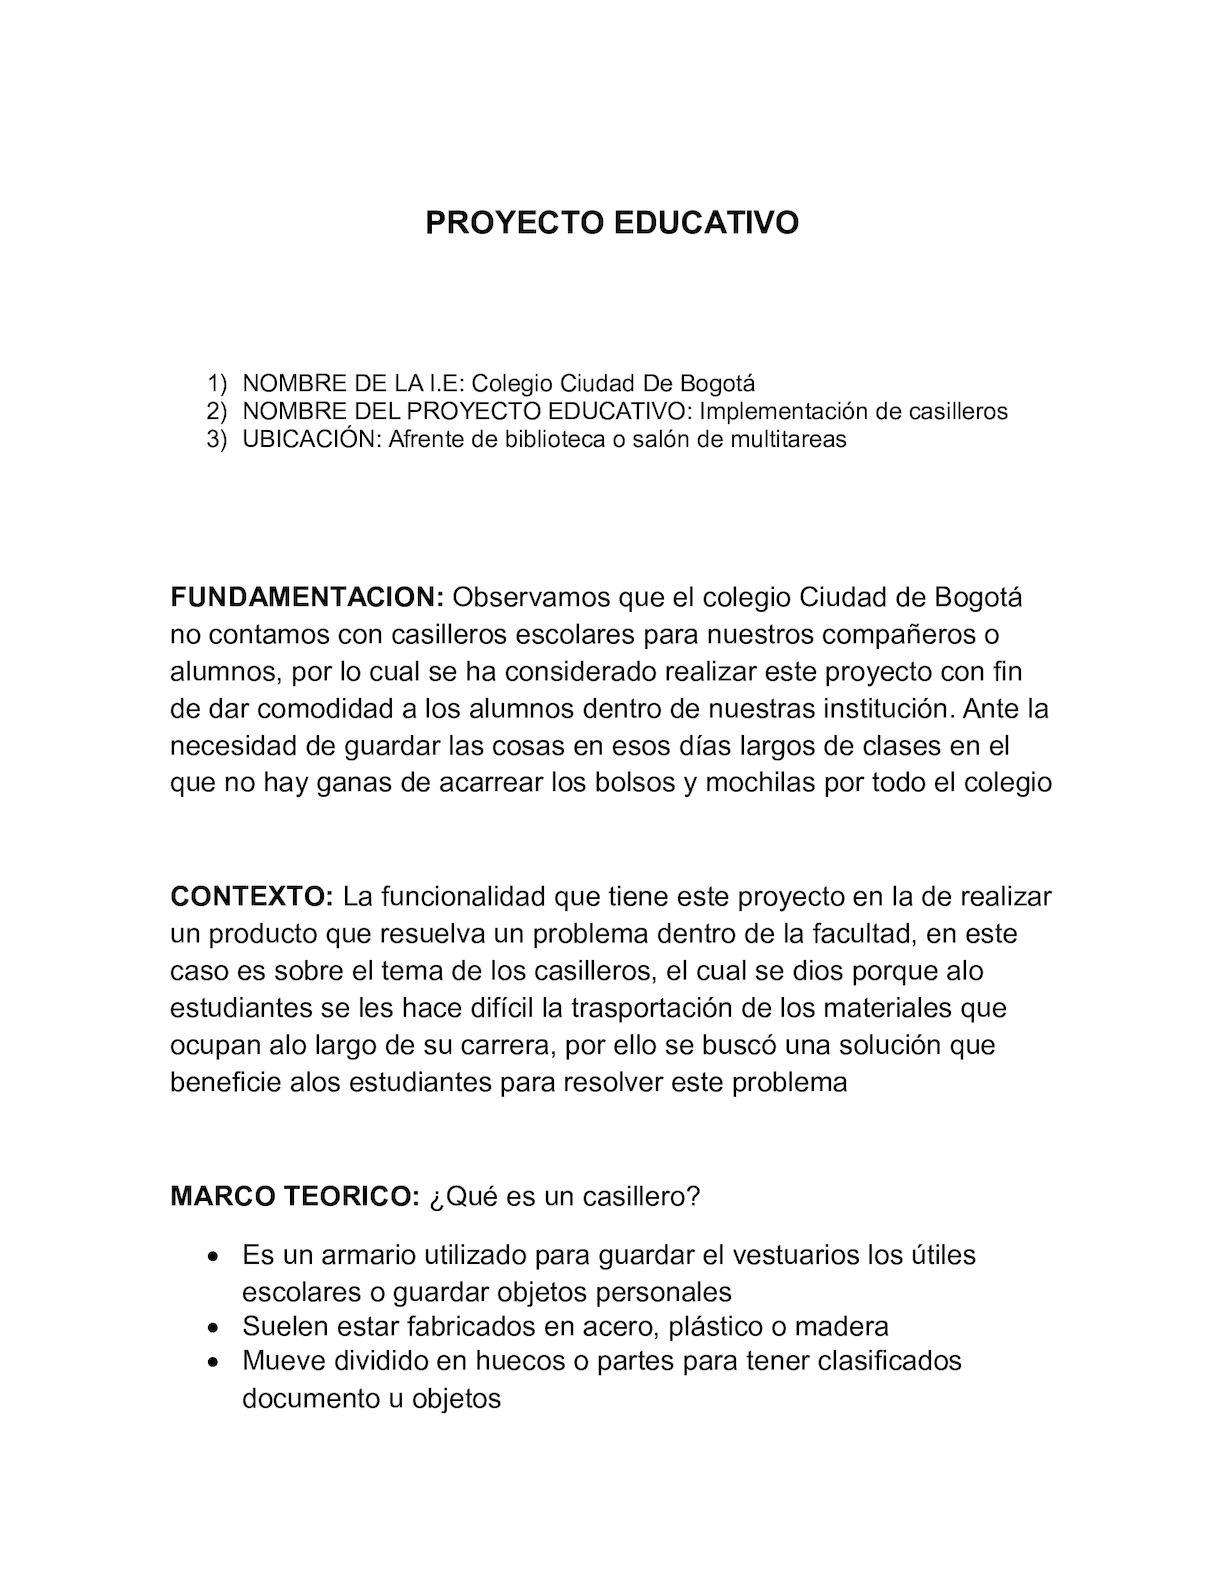 Proyecto Educativo Casilleros